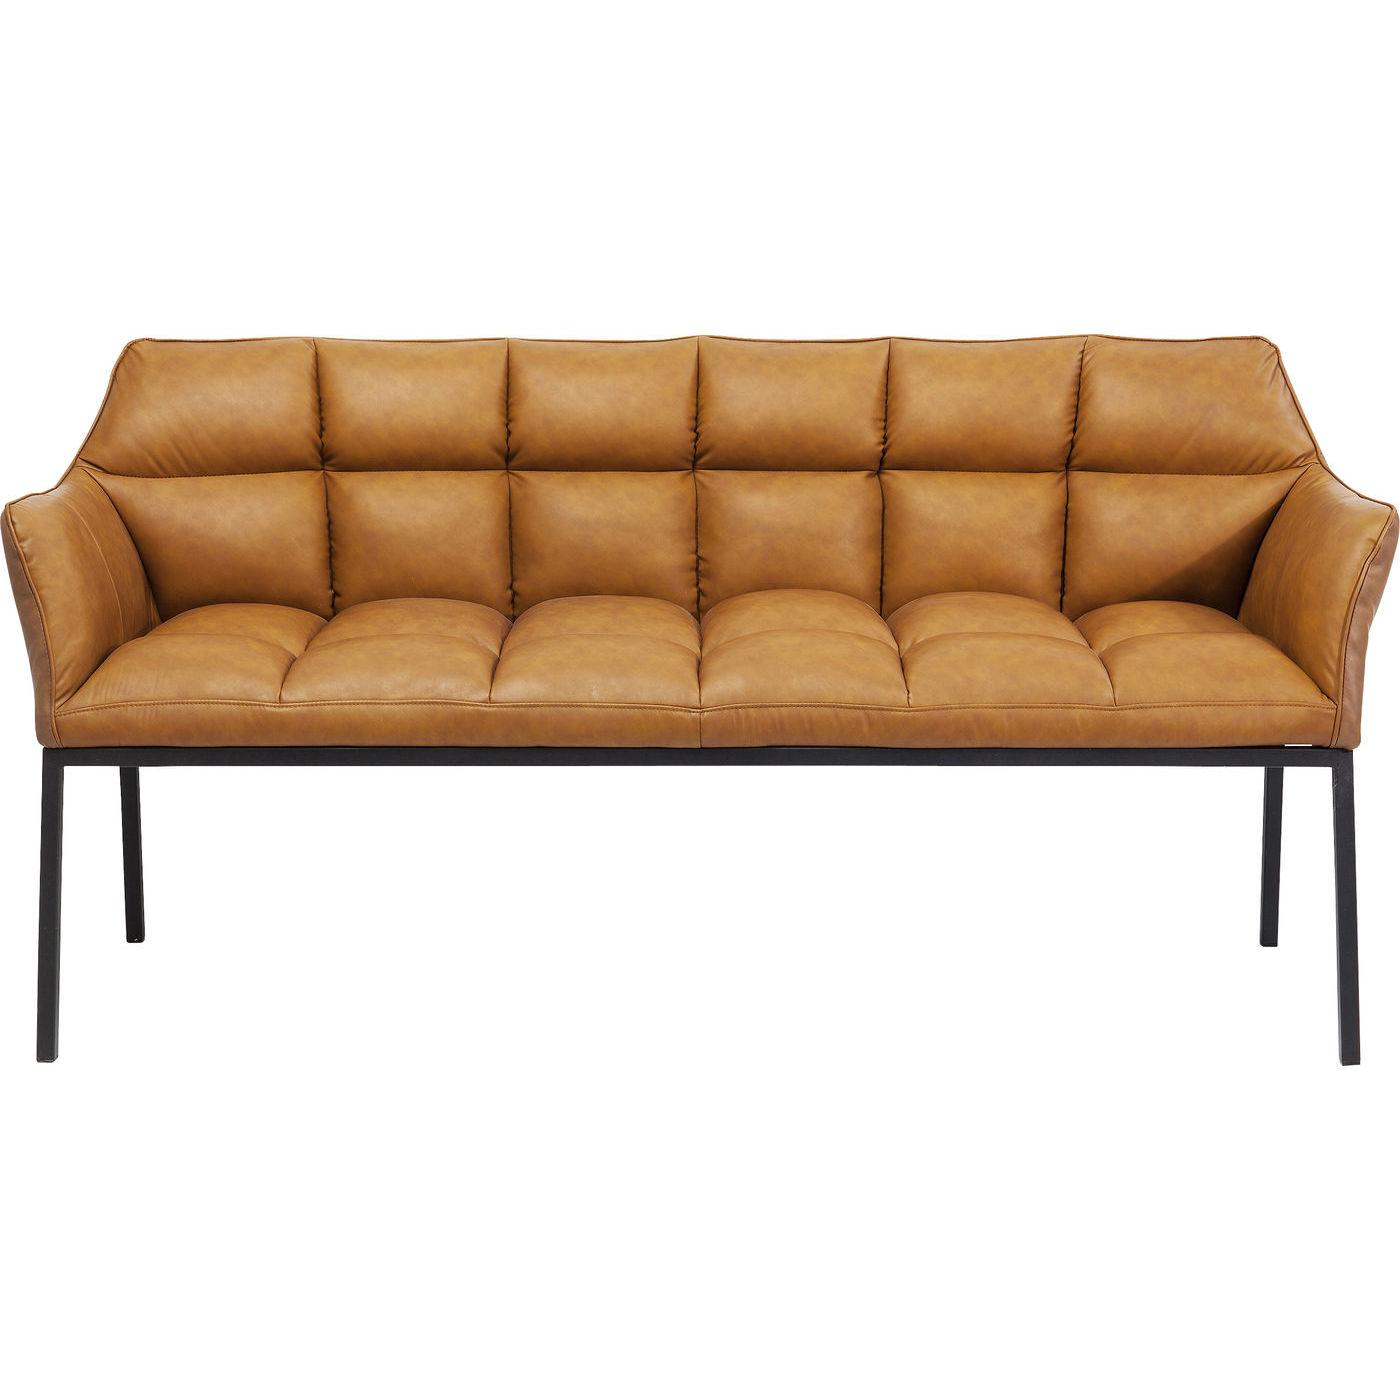 kare design – Kare design thinktank brown sofabænk - brunt kunstlæder/stål, m. armlæn på boboonline.dk